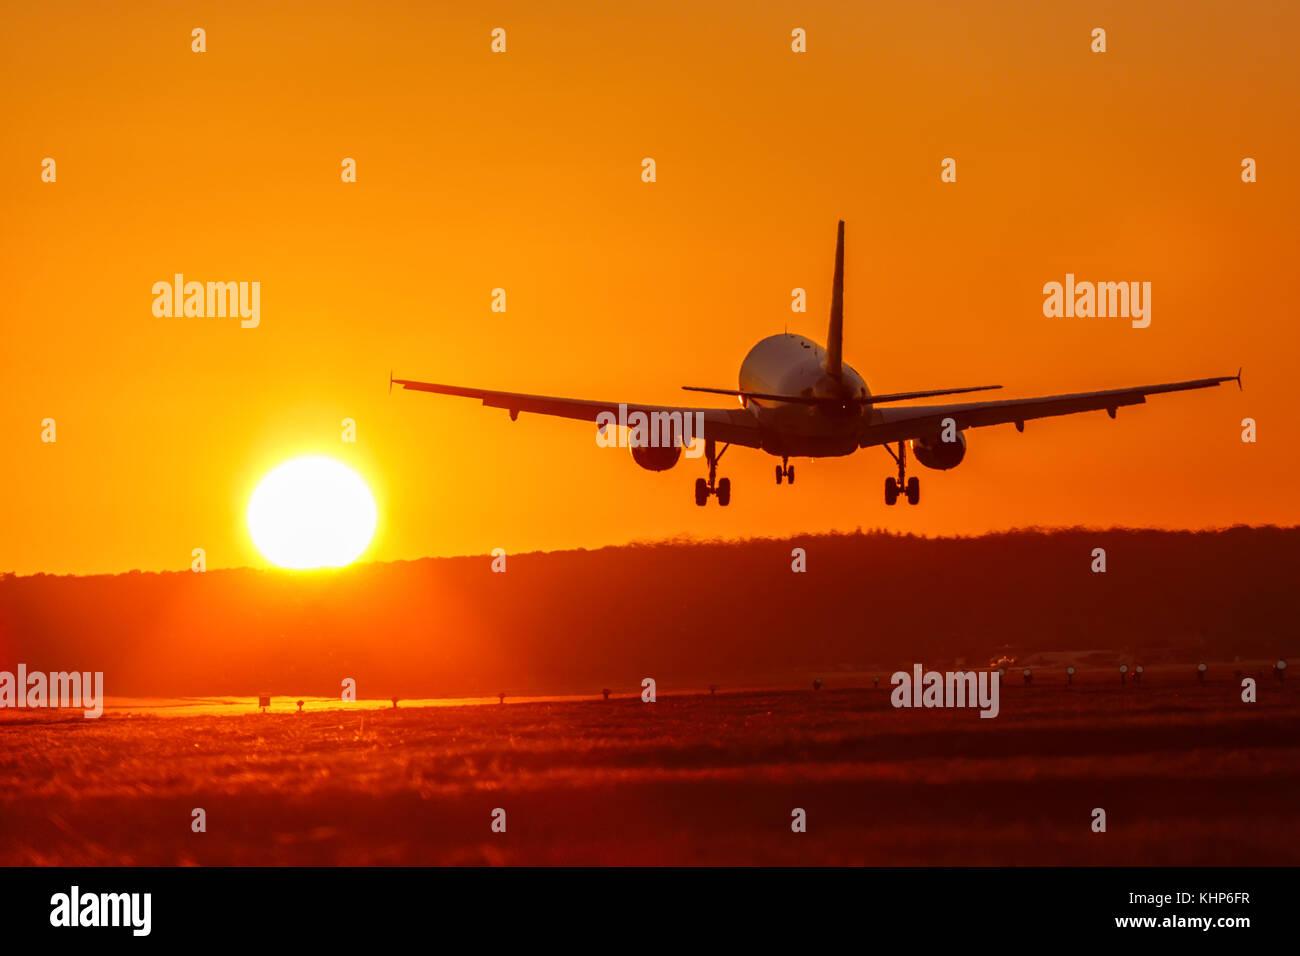 En avión aeropuerto de aviación vacaciones Sunset Sun Holidays Travel viajar avión aviones Imagen De Stock